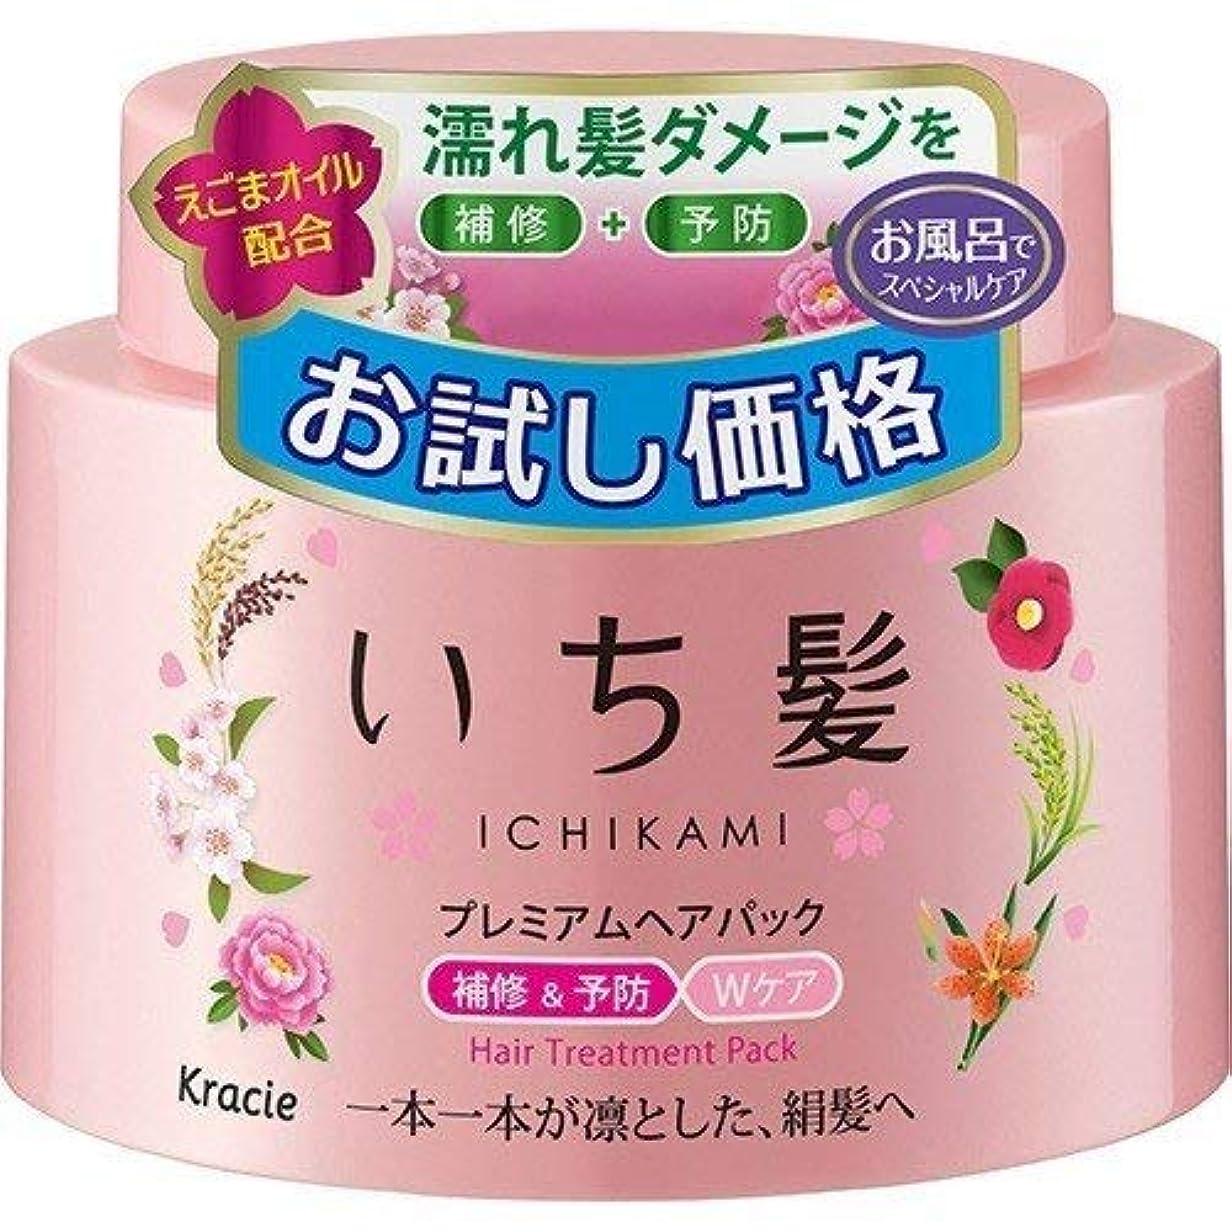 始める文異議いち髪 プレミアムヘアパック おタメしカカク(180g)